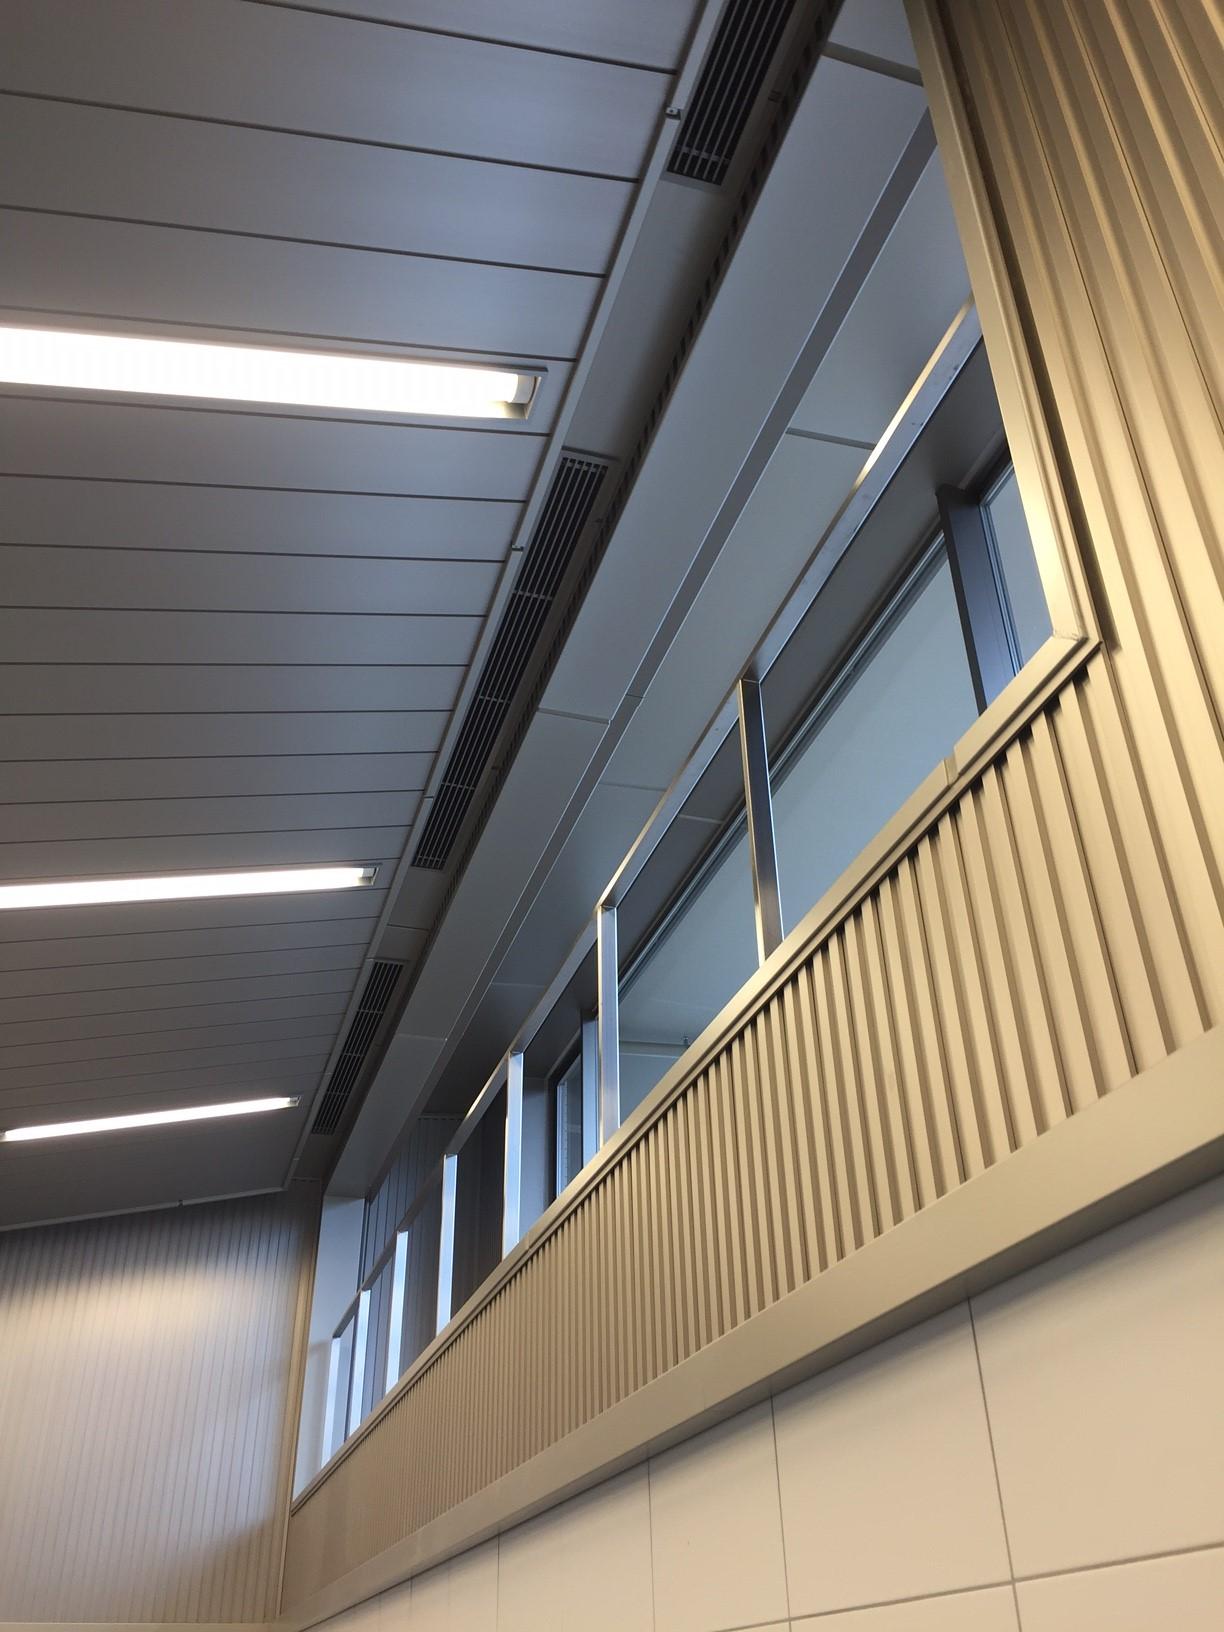 サンシティー立川昭和記念公園 天井照明パネル(4方) 天井・壁パネル・結露受け11